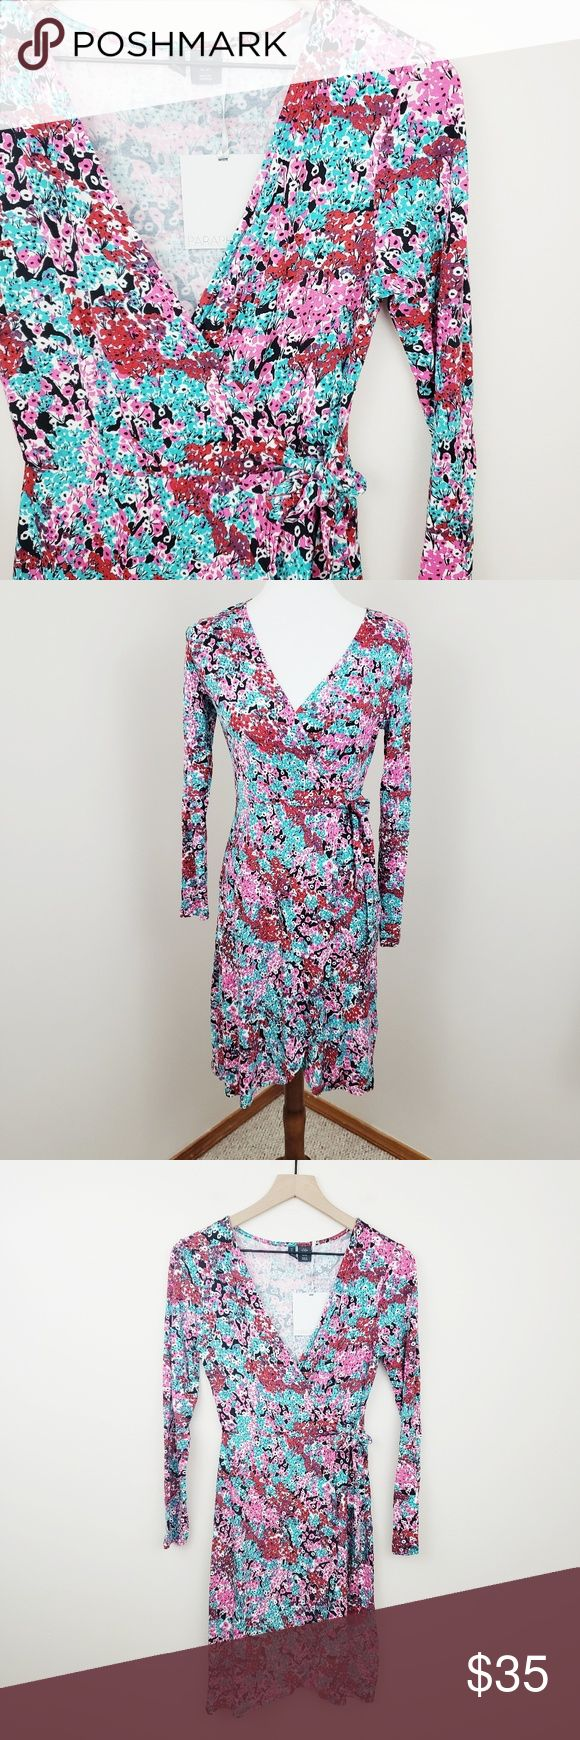 Paraphrase Floral Dress》 new # D110 Wunderschönes Wickelkleid von Paraphrase New …